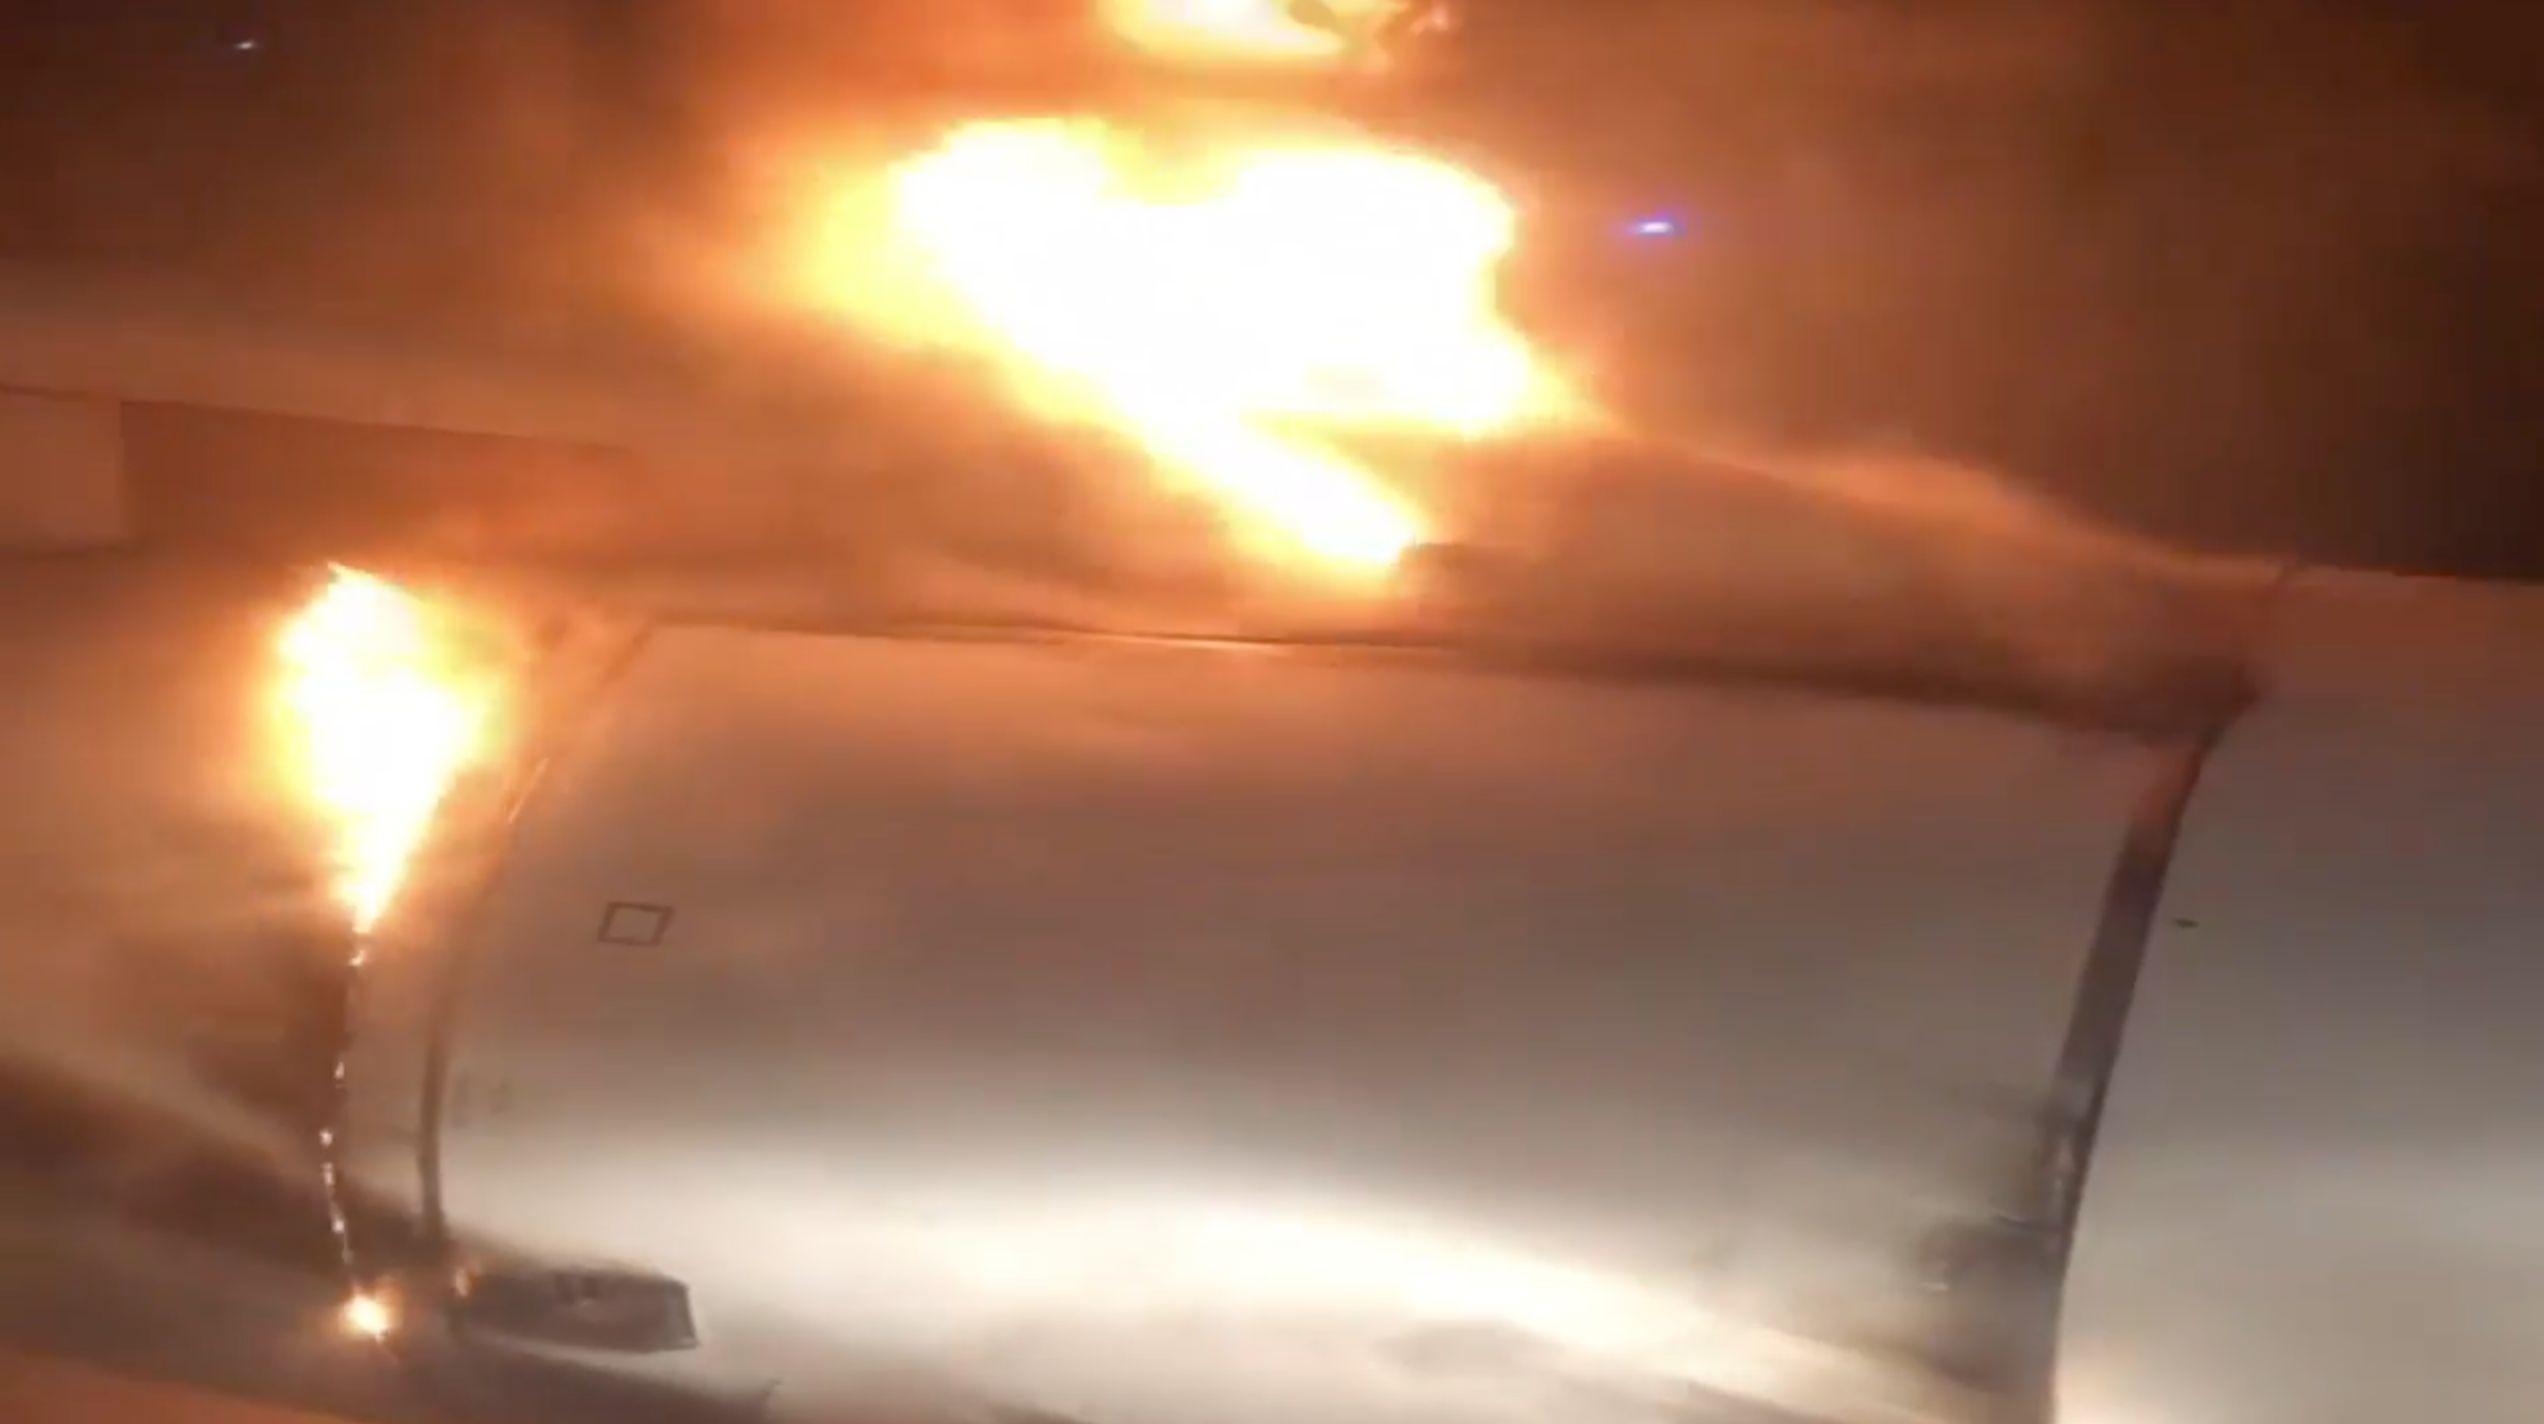 Flugzeugturbine fängt mitten im Flug Feuer – ein Passagier filmt das